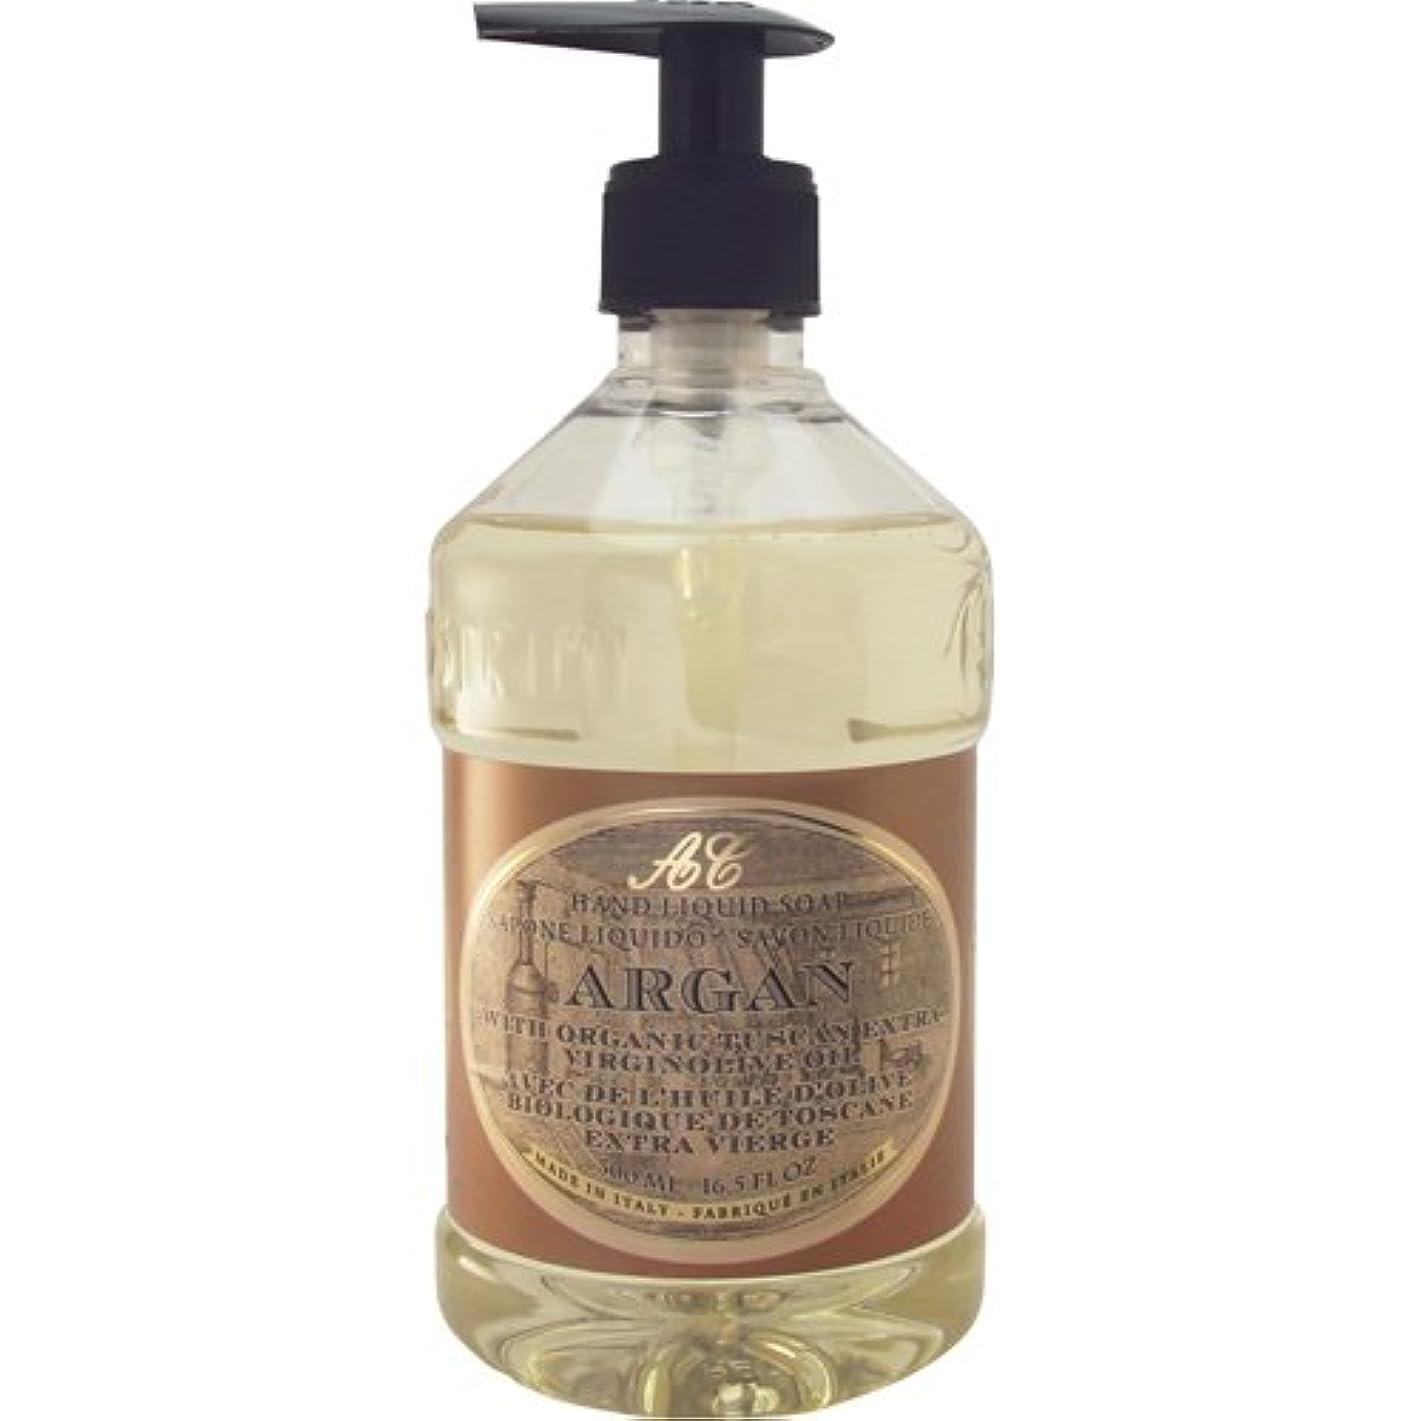 わずらわしい眩惑するピックSaponerire Fissi レトロシリーズ Liquid Soap リキッドソープ 500ml Argan アルガンオイル